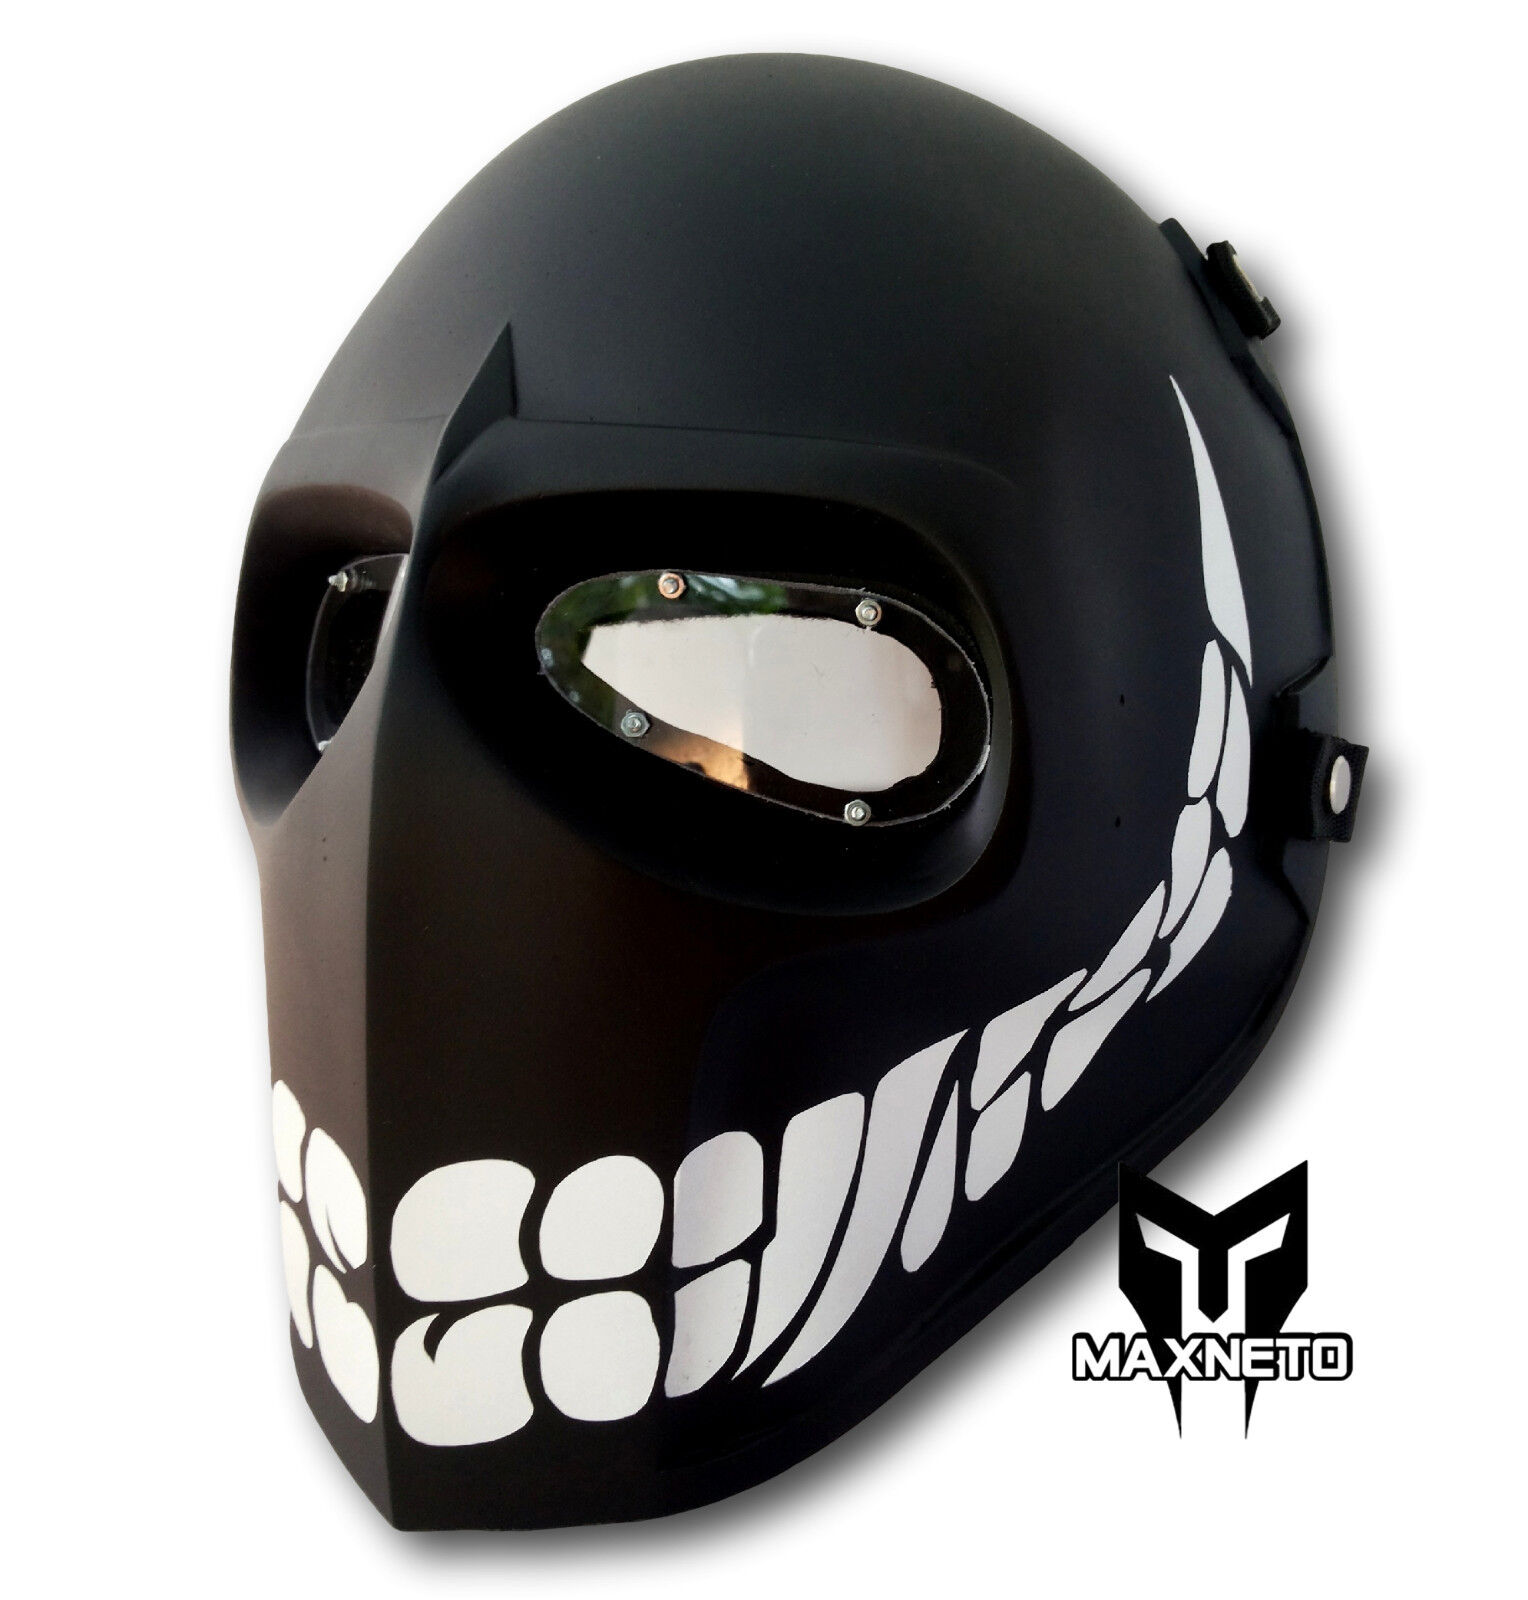 Maxneto arrmy CS Soporte inferior de Guerra Juego Gun MásCochea táctica Airsoft Paintball Negro smiely